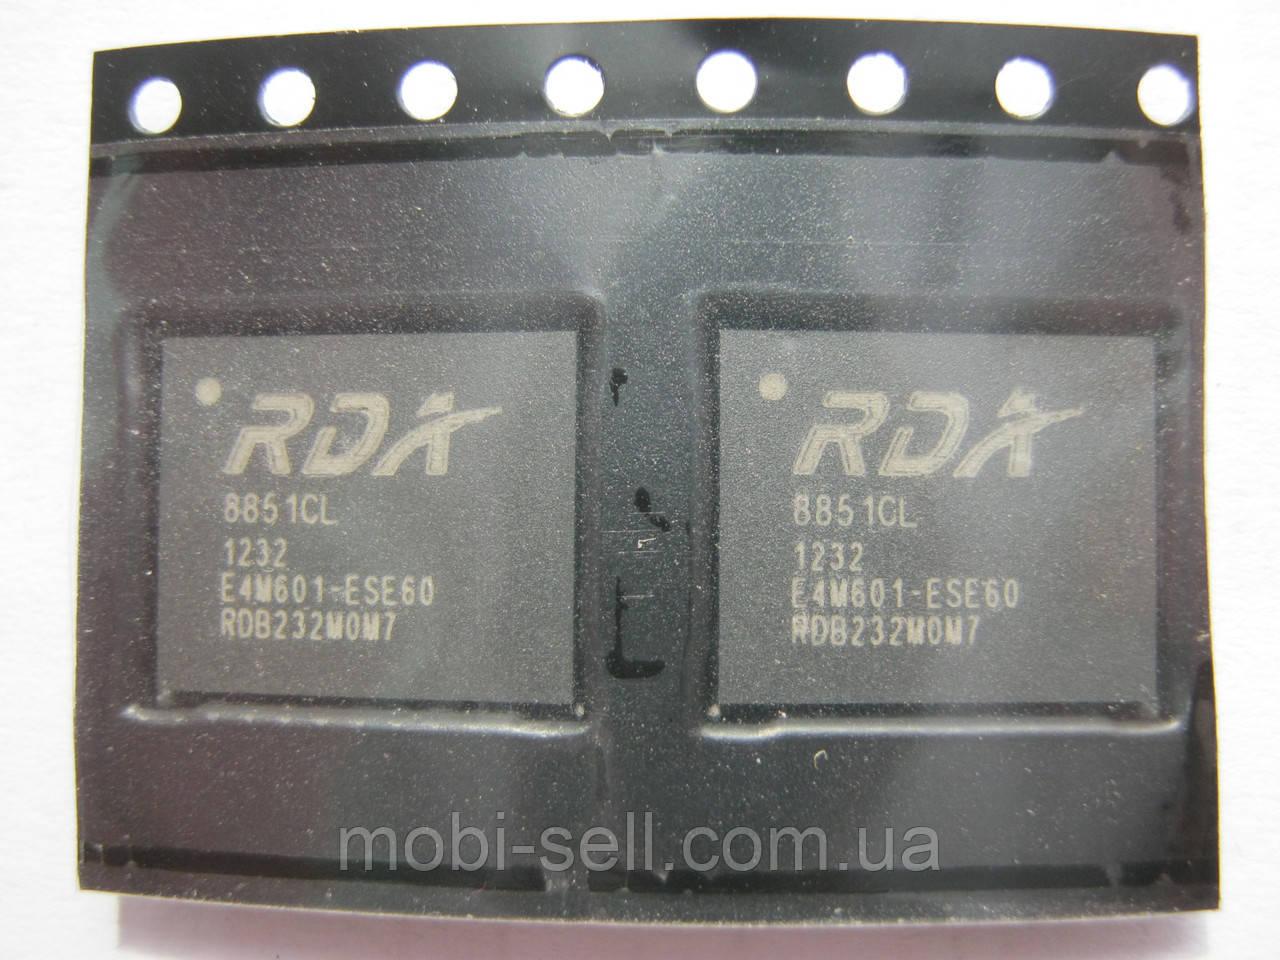 Мікросхема RDA8851CL процесор CPU для китайських телефонів (RDA 8851 CL)